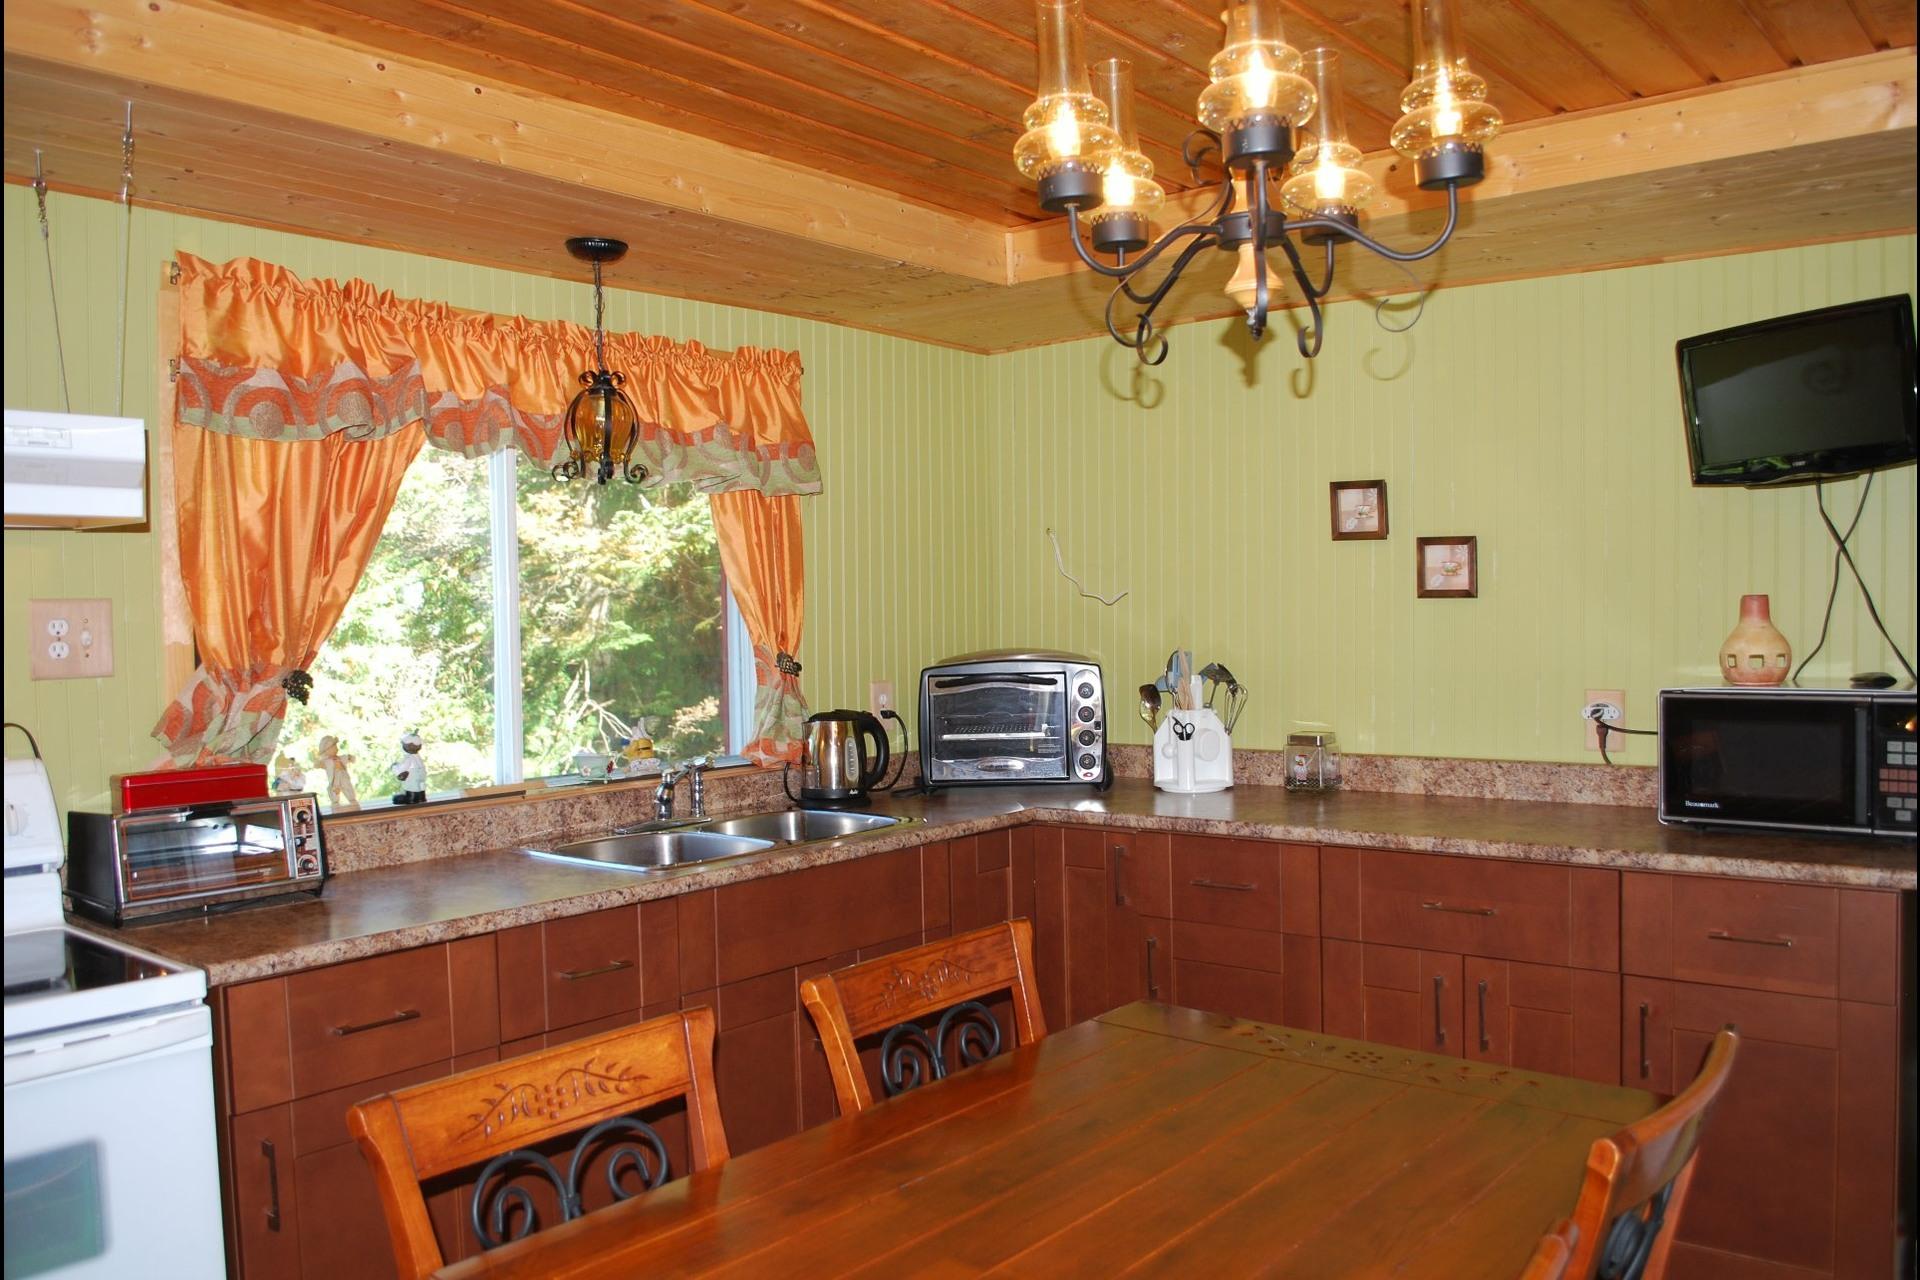 image 3 - House For sale Sainte-Béatrix - 5 rooms